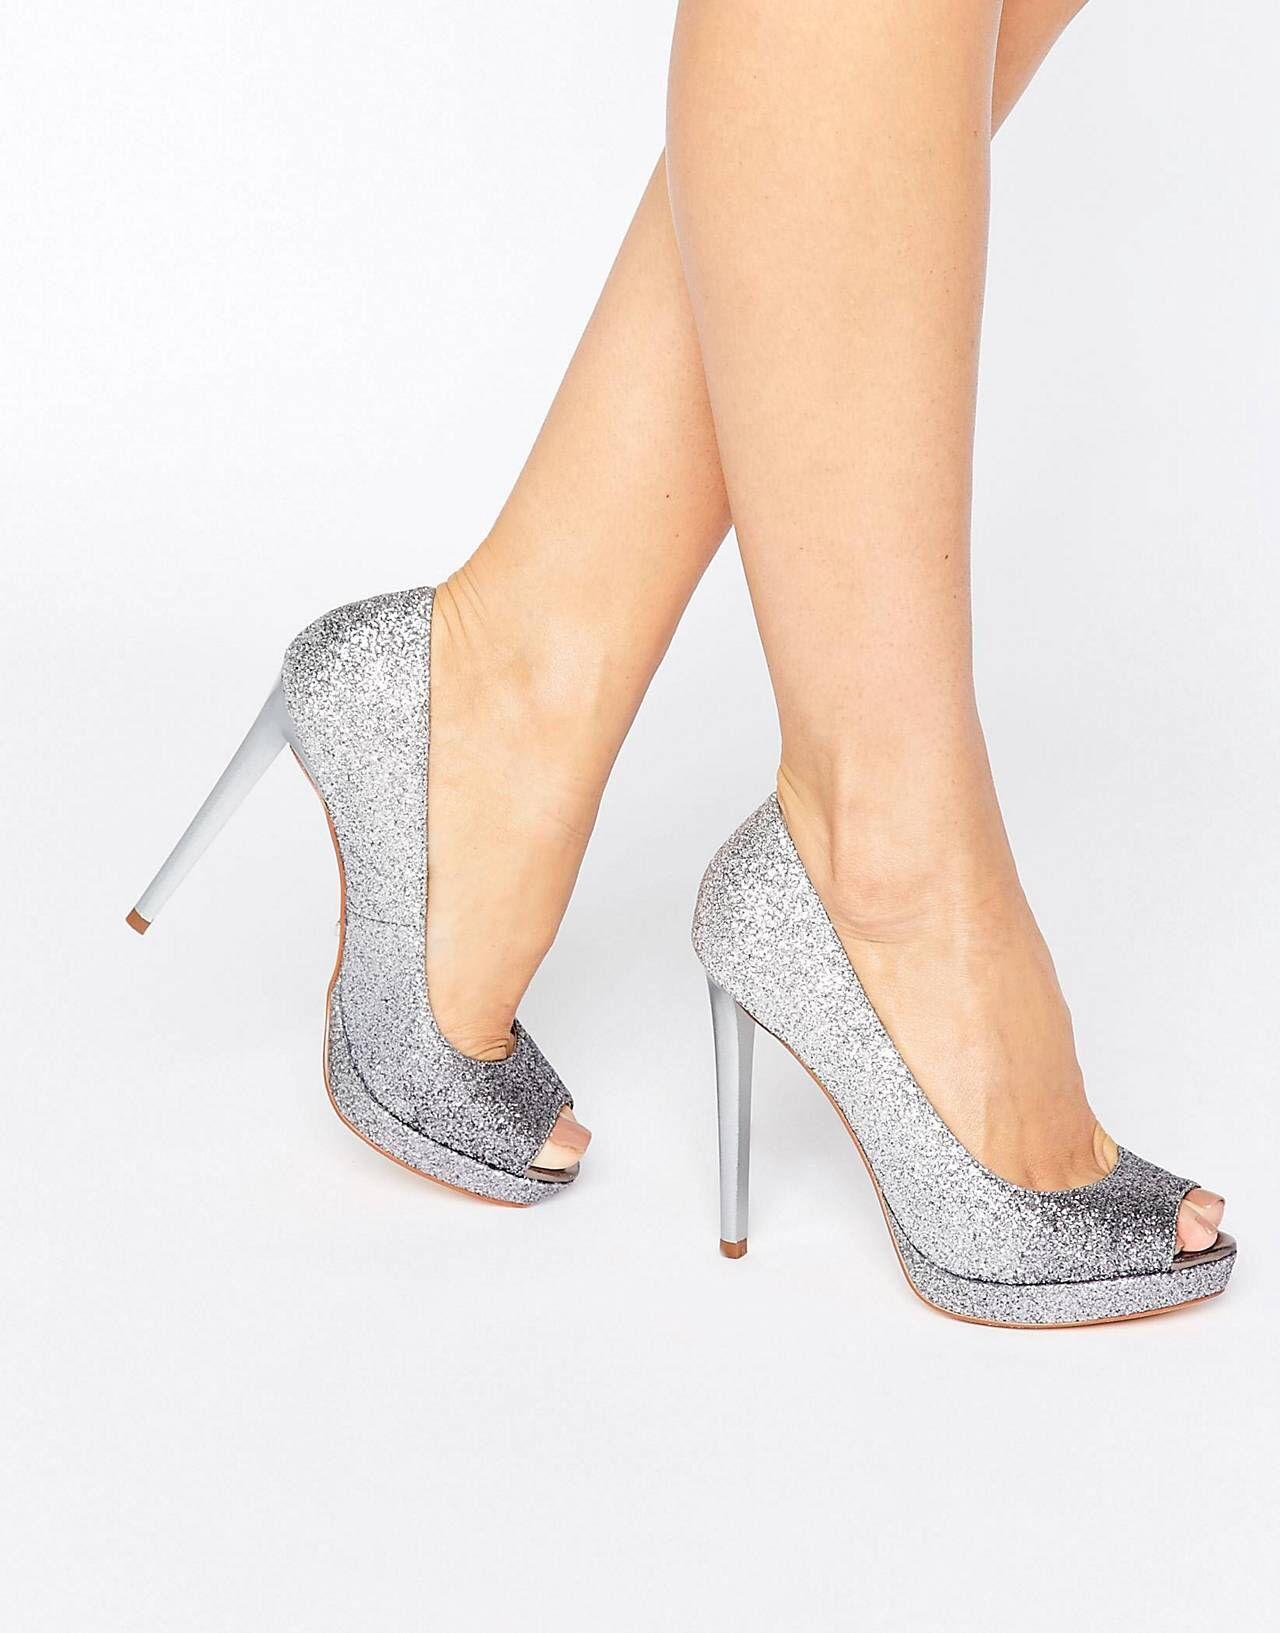 52ac24559a1bda Faith – Cassie – Silber glitzernde Schuhe mit hohen Absätzen